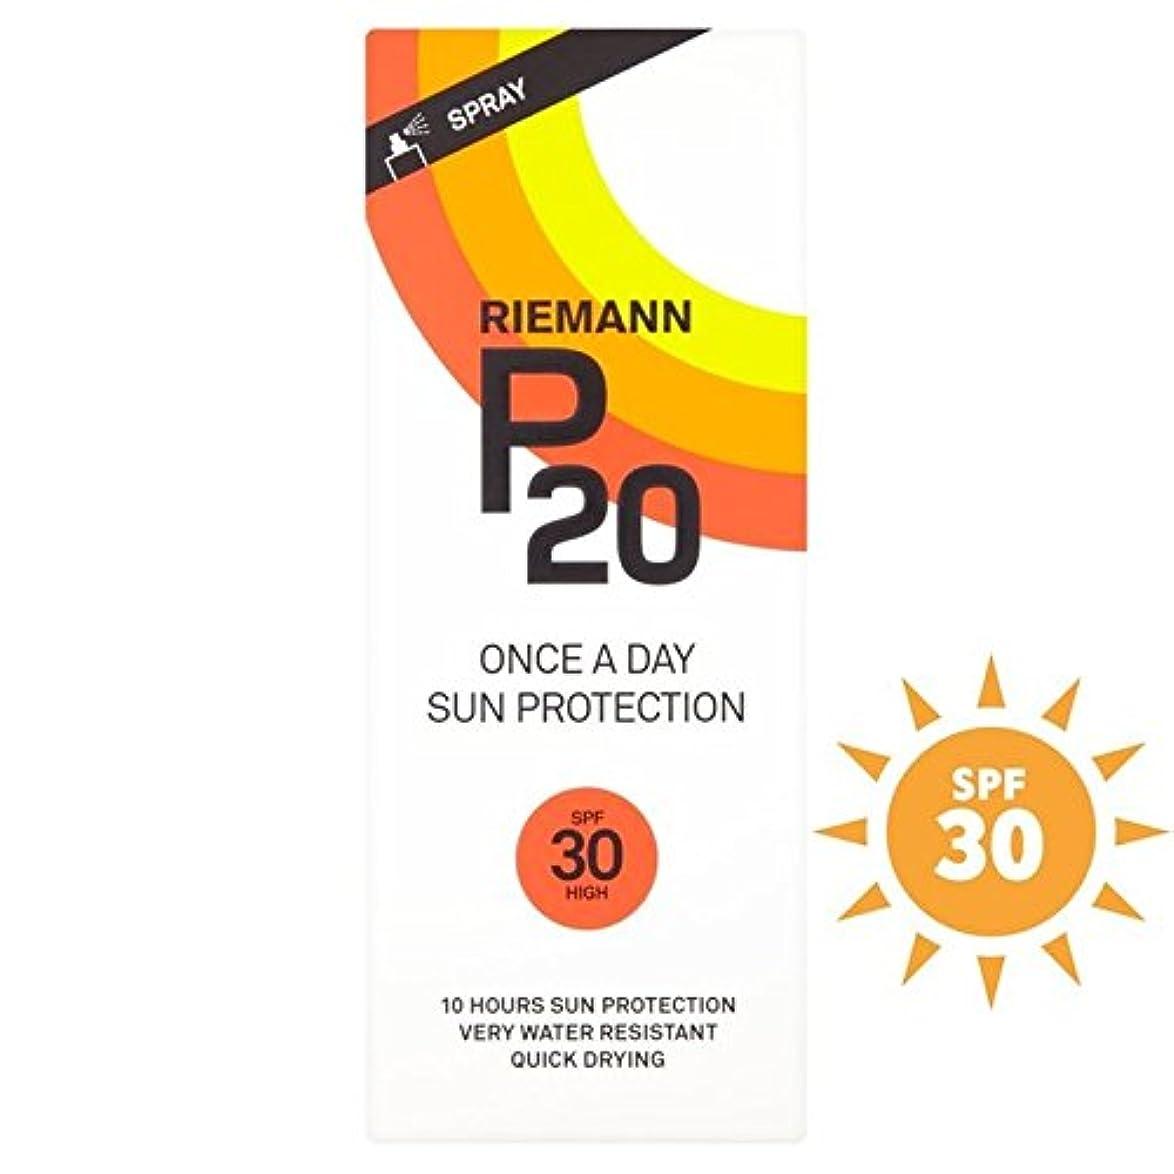 編集する美徳暴露Riemann P20 SPF30 1 Day/10 Hour Protection 200ml - リーマン20 30 1日/ 10時間の保護200ミリリットル [並行輸入品]